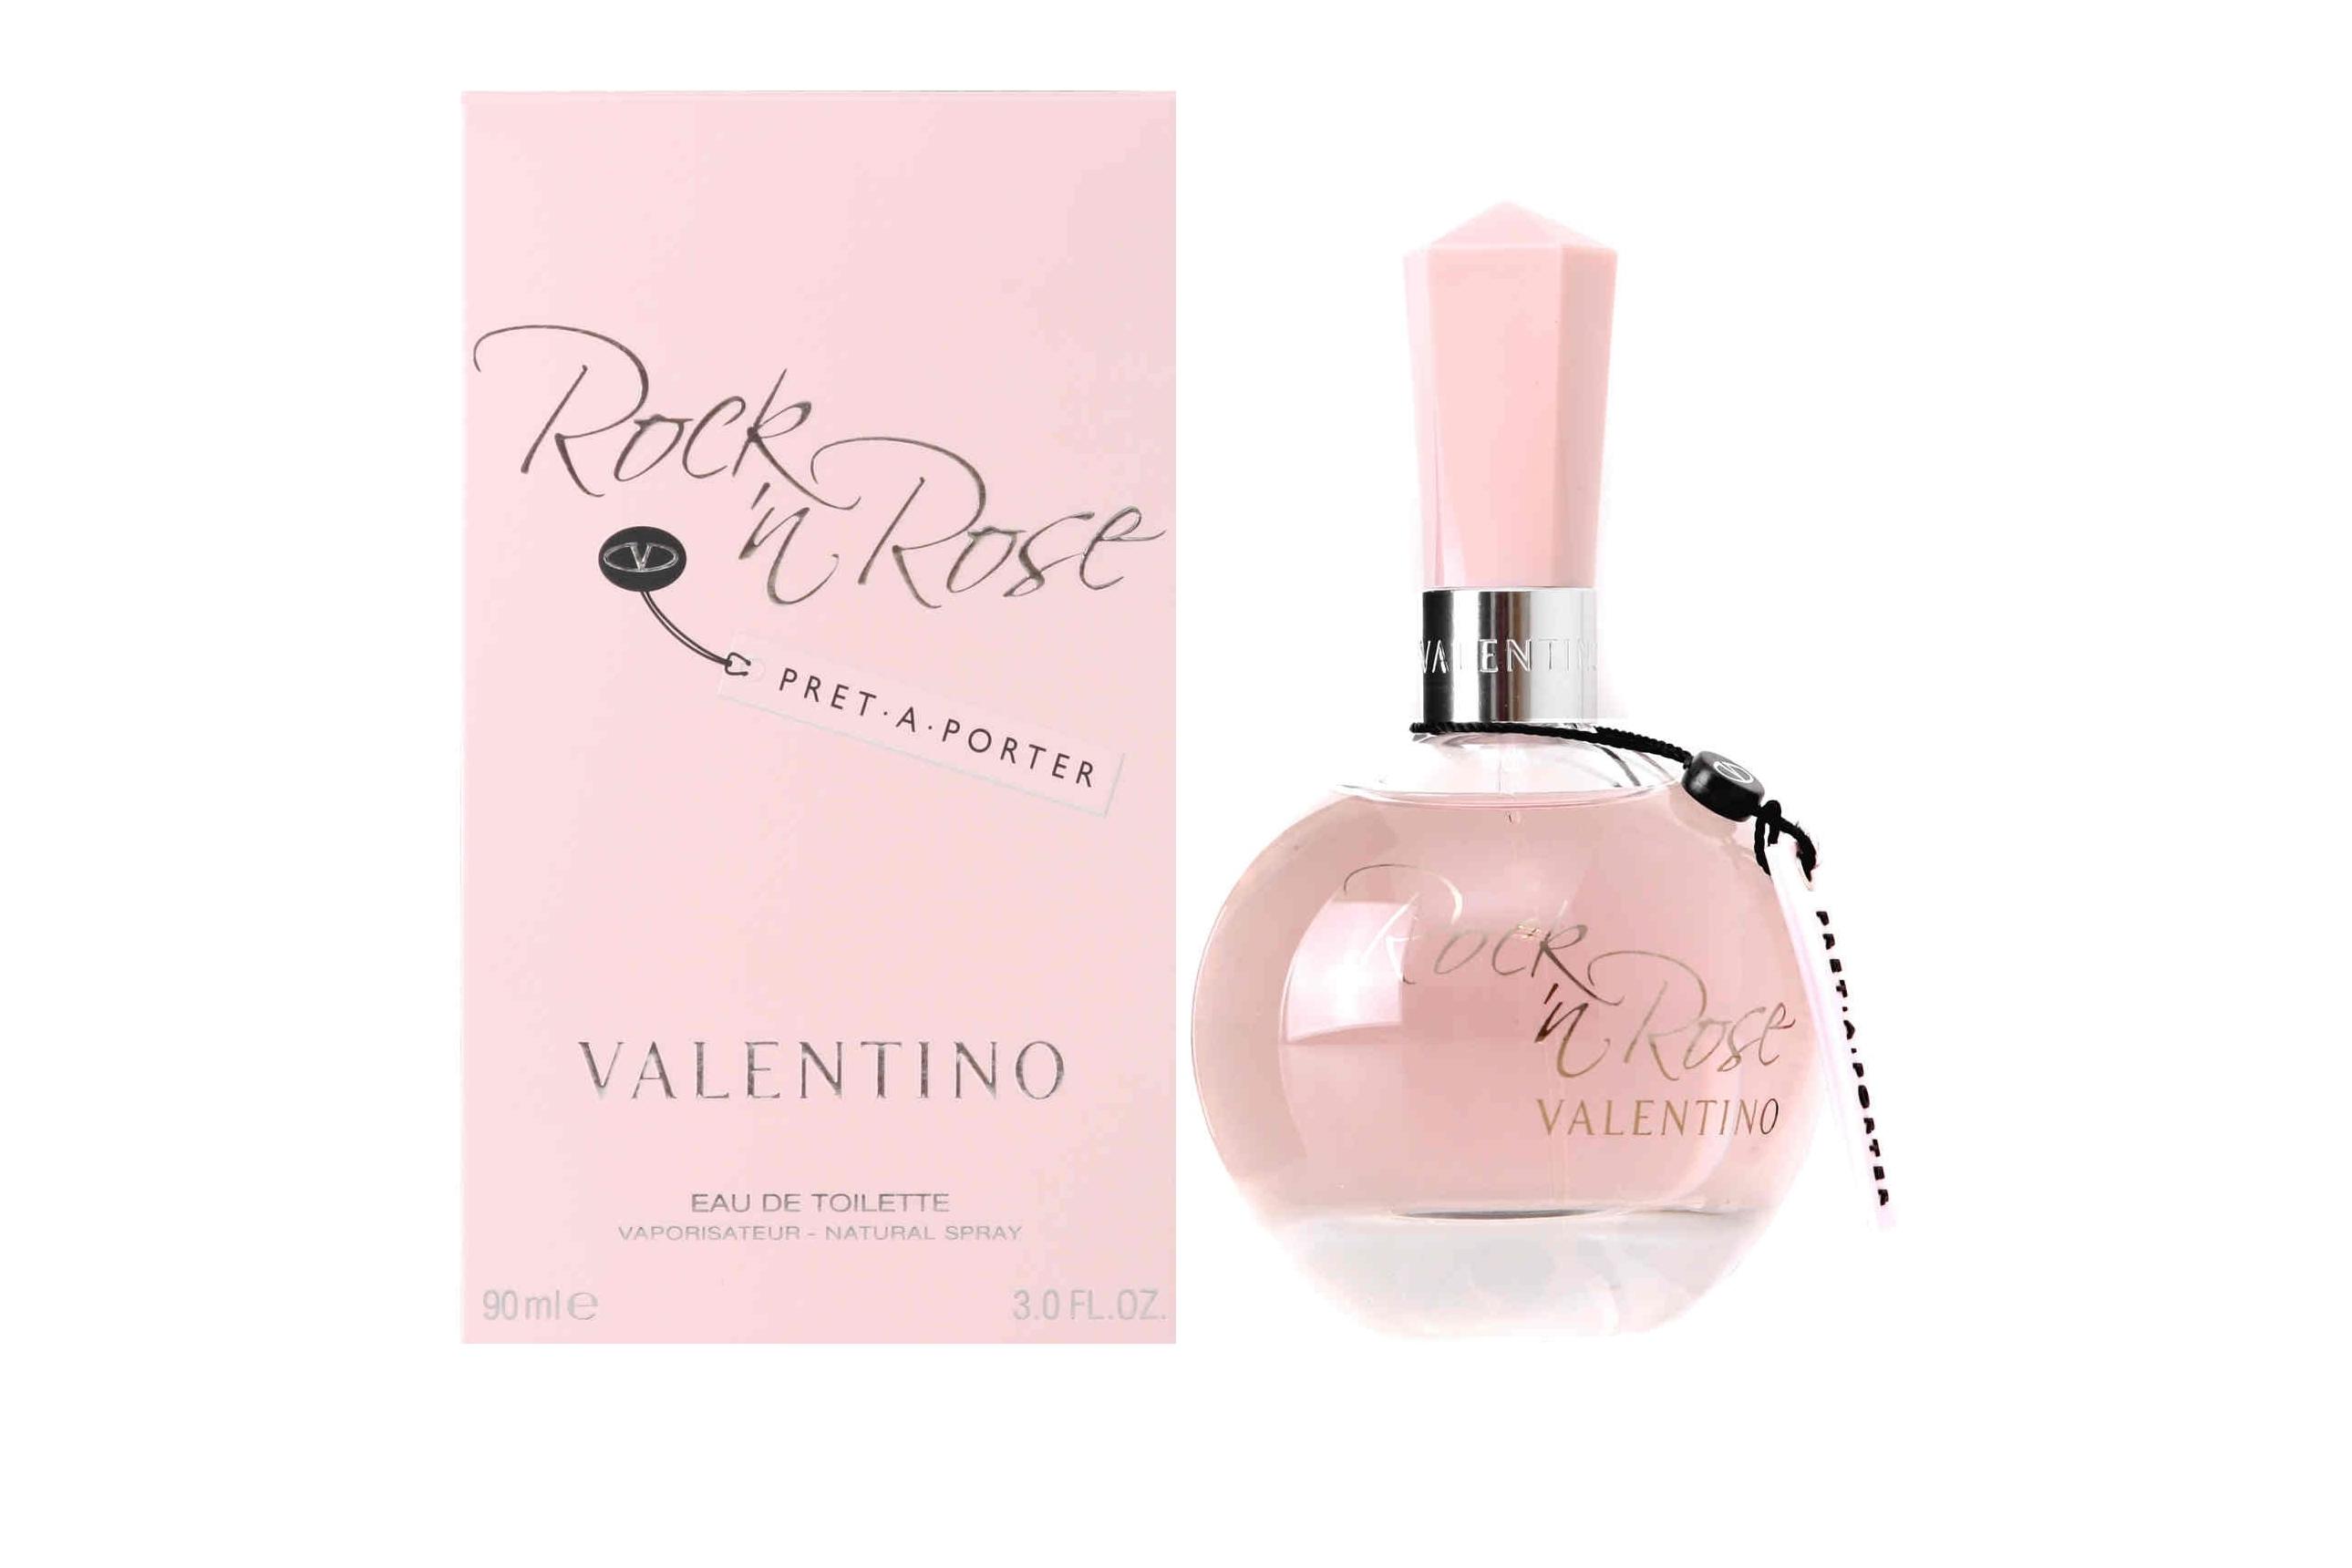 Женский парфюм Rock`n Rose Pret-A-Porter от итальянского бренда Valentino выпущен в 2008 году ограниченной партией. Это интерпретация классического аромата. Группы принадлежности: цветочные, зеленые. Идеальное использование: теплое время года, день, активный отдых, деловые встречи, переговоры. Ингредиенты композиции Pret-A-Porter серии Rock`n Rose от Валентино: черная смородина, гардения, бергамот, роза из Непала, апельсиновый цвет, ландыш, ландыш, корень ириса, ландыш, гелиотроп и мягкая ваниль.  Источник: http://vash-aromat.ru/shop/3651/desc/zhenskaja-tualetnaja-voda-rock-n-rose-pret-a-porte-w-50ml-edt-ot-valentino-50-ml